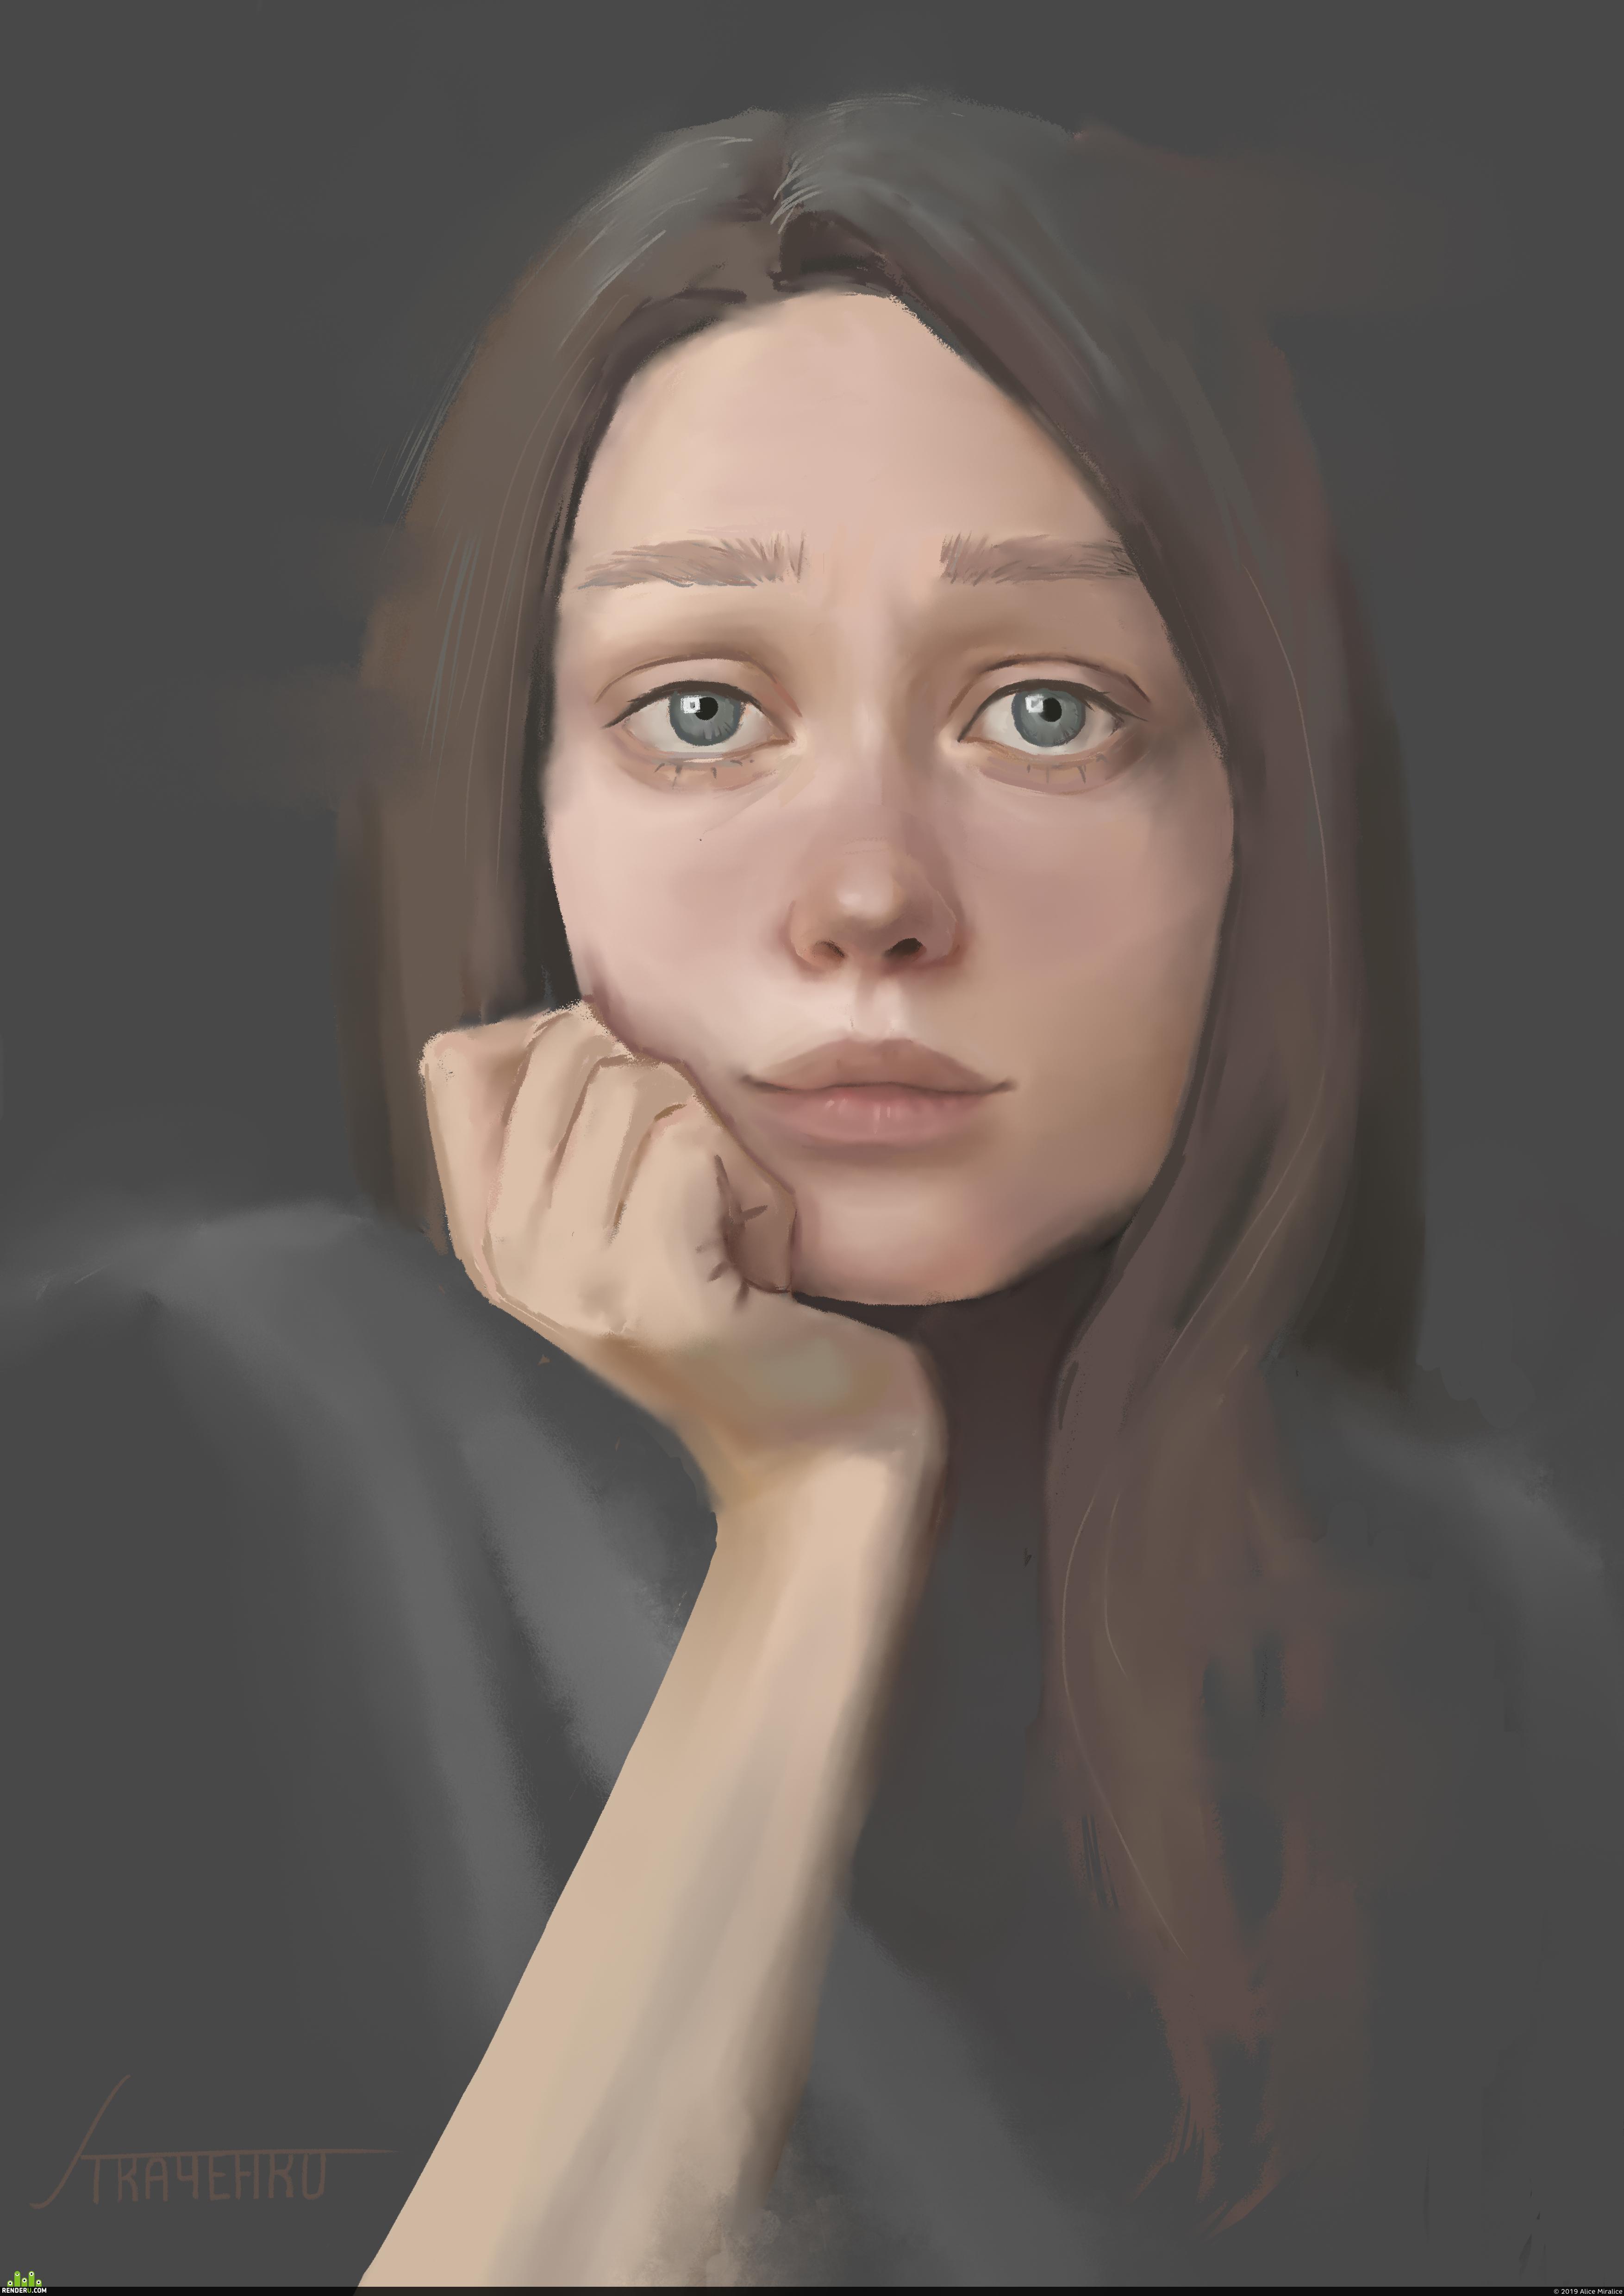 preview Sad self portrait / Грустный автопортрет